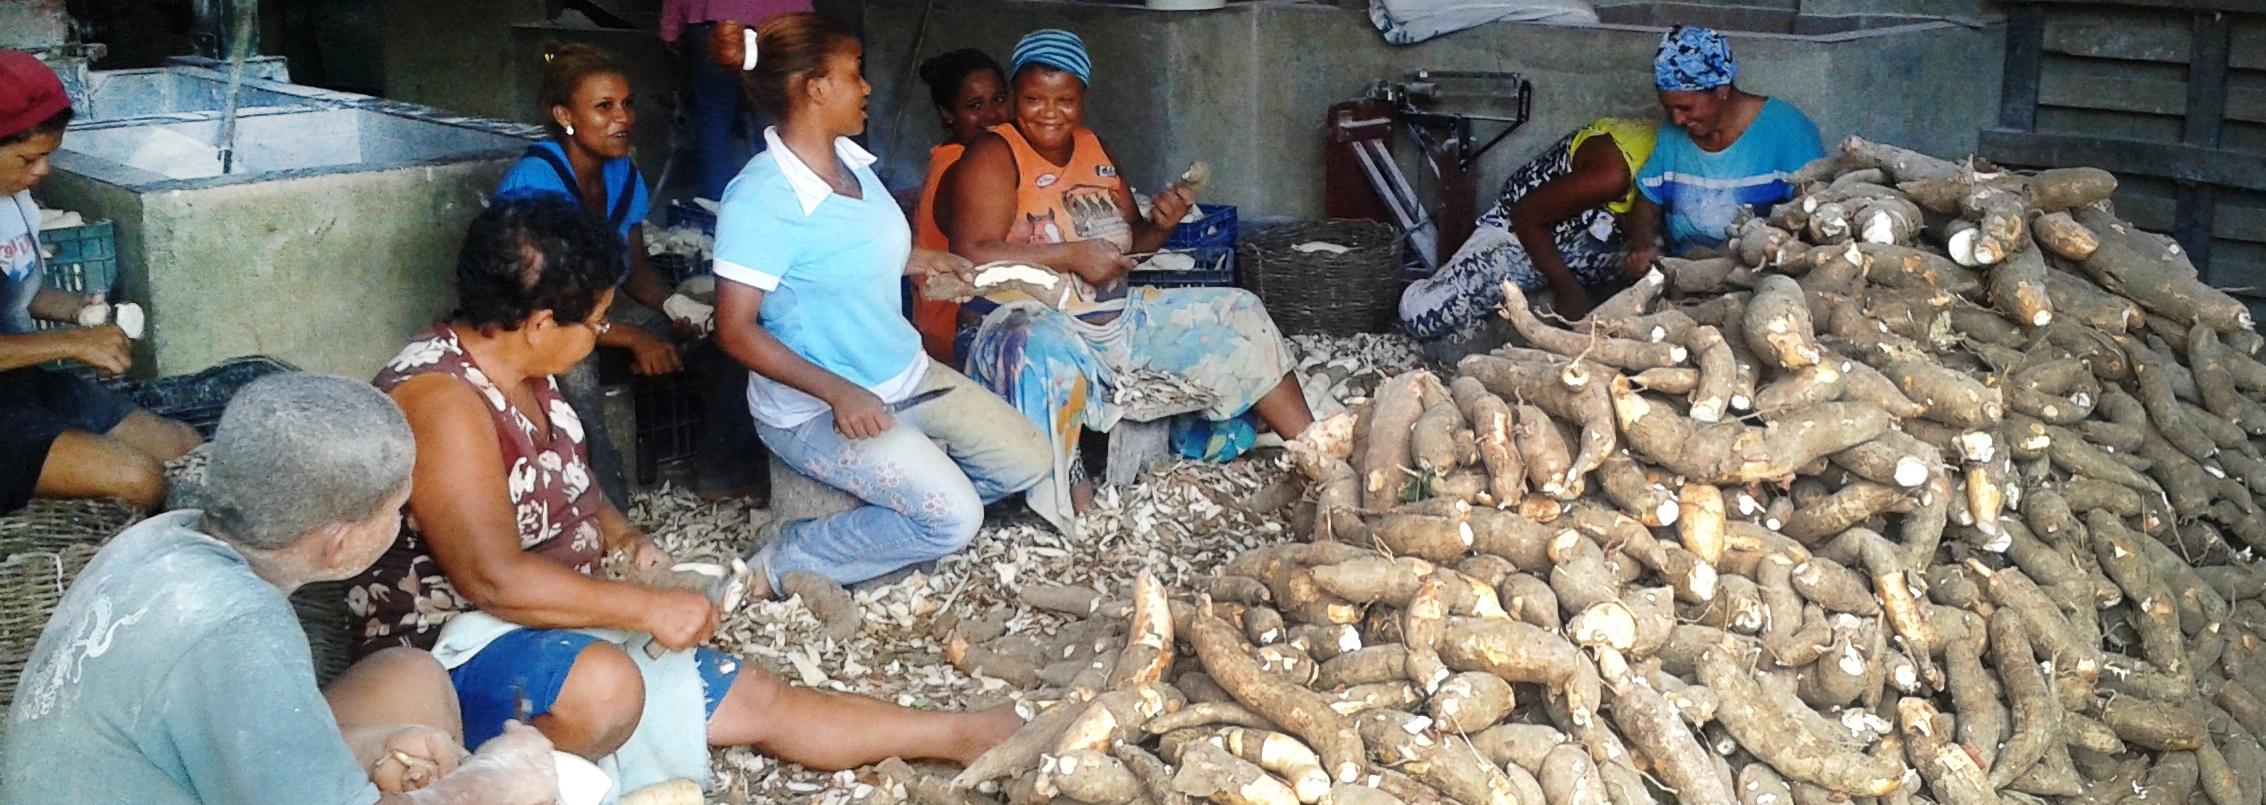 Agricultores familiares organizam cooperativa na Bahia